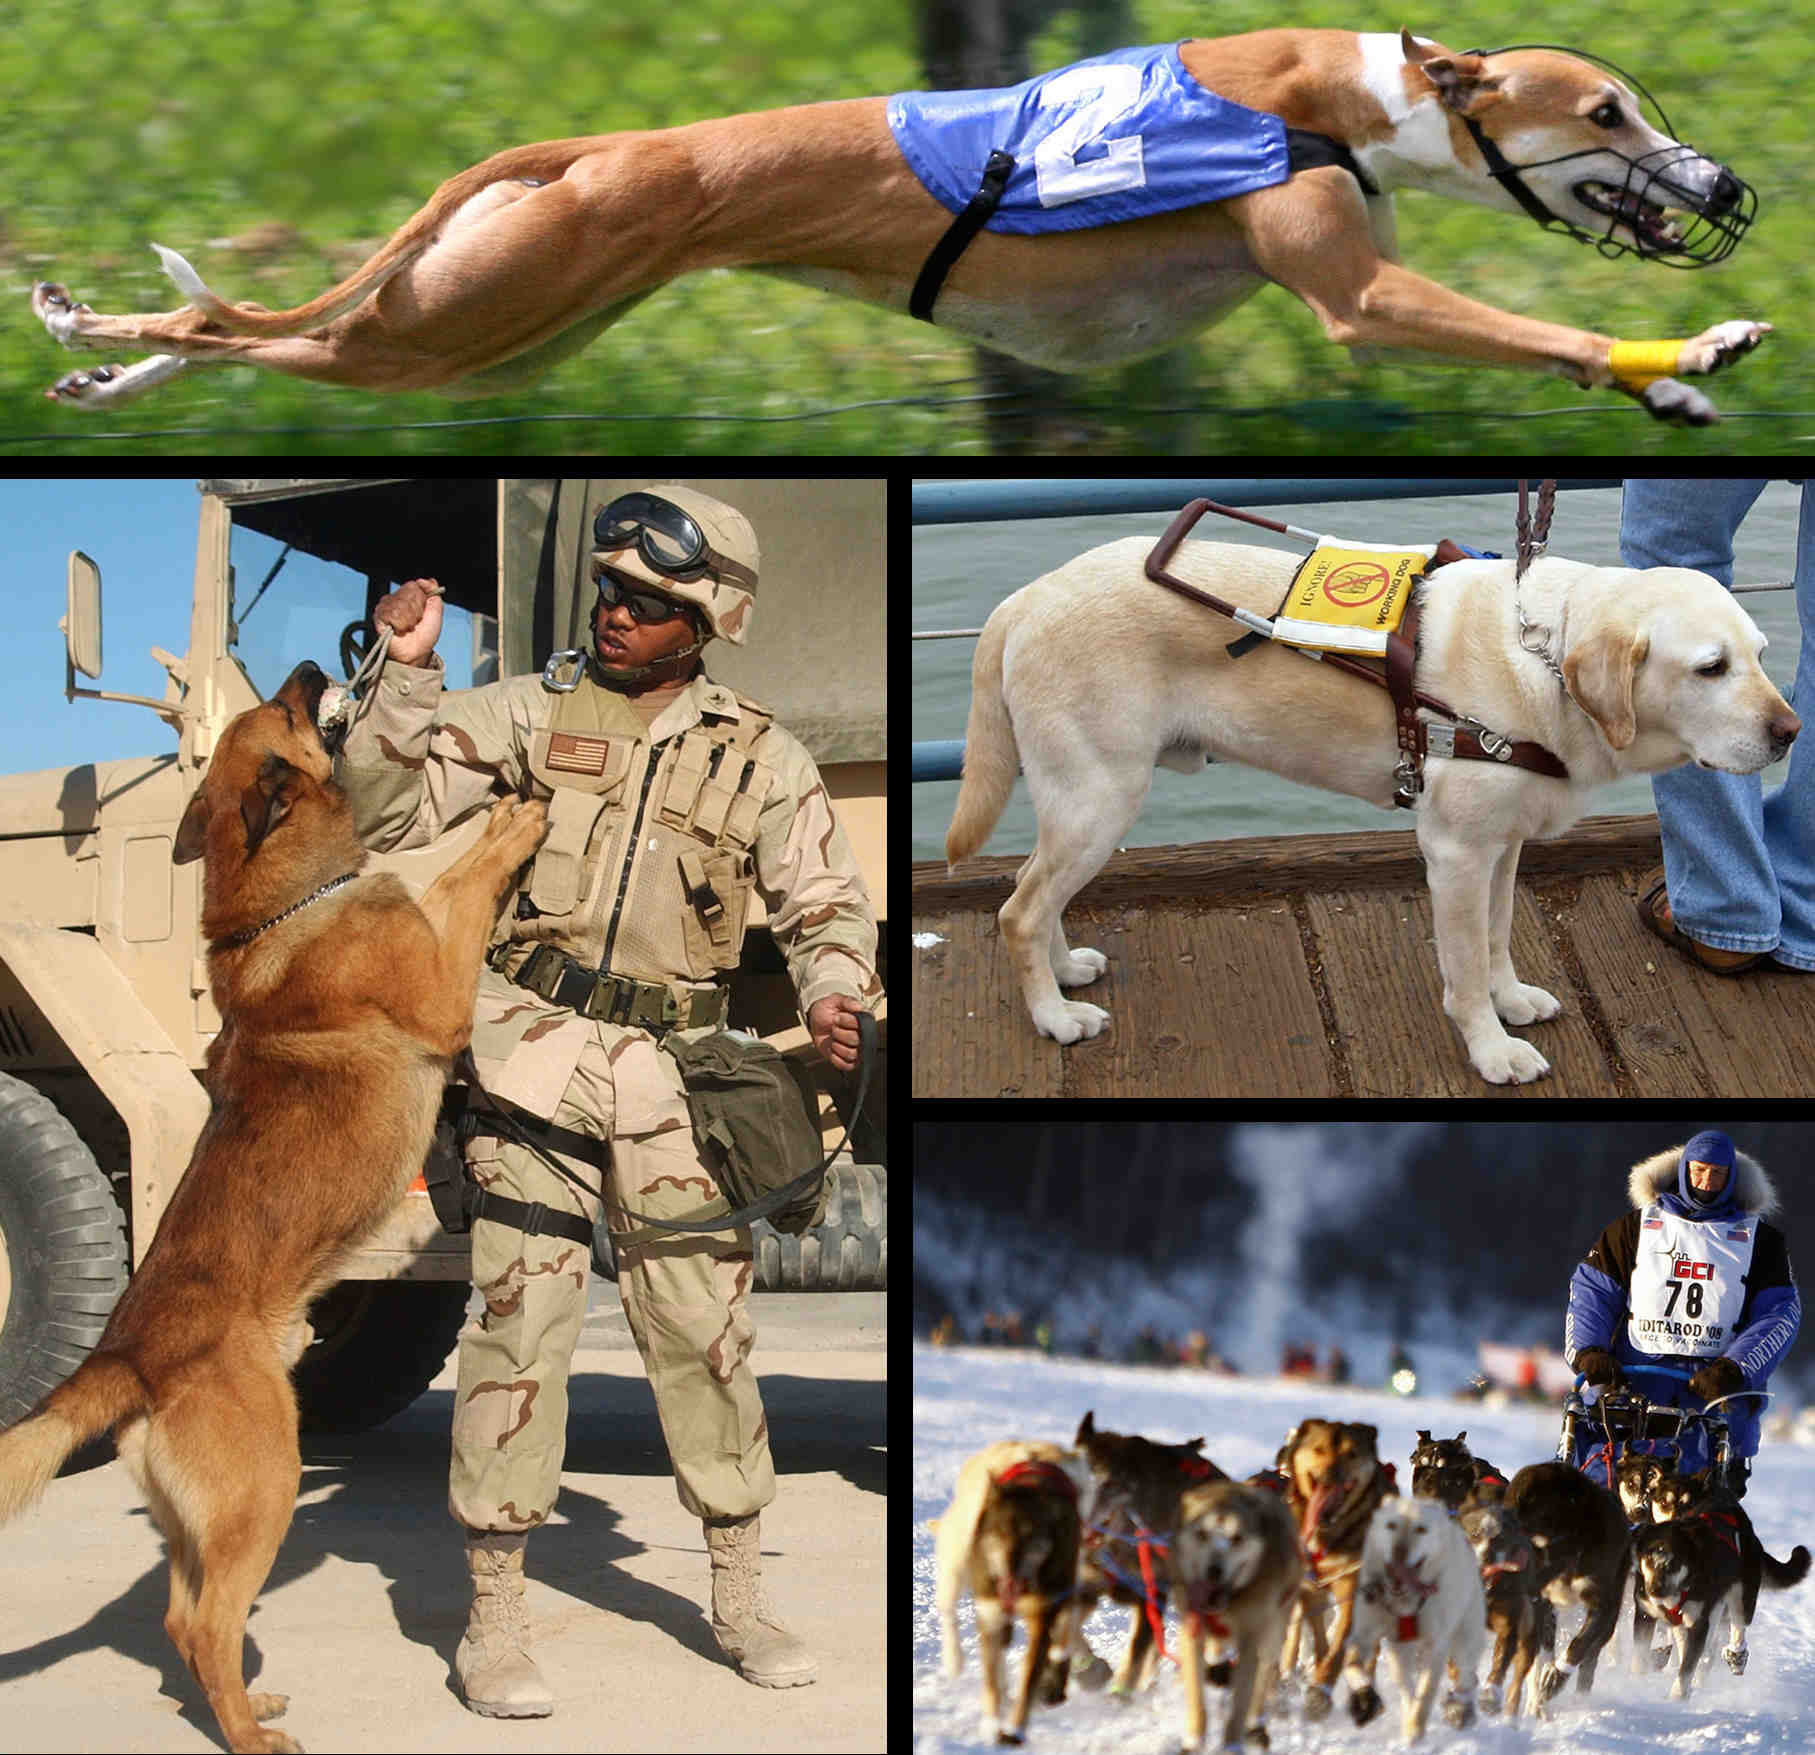 Quelle race de chien est interdit en France ?